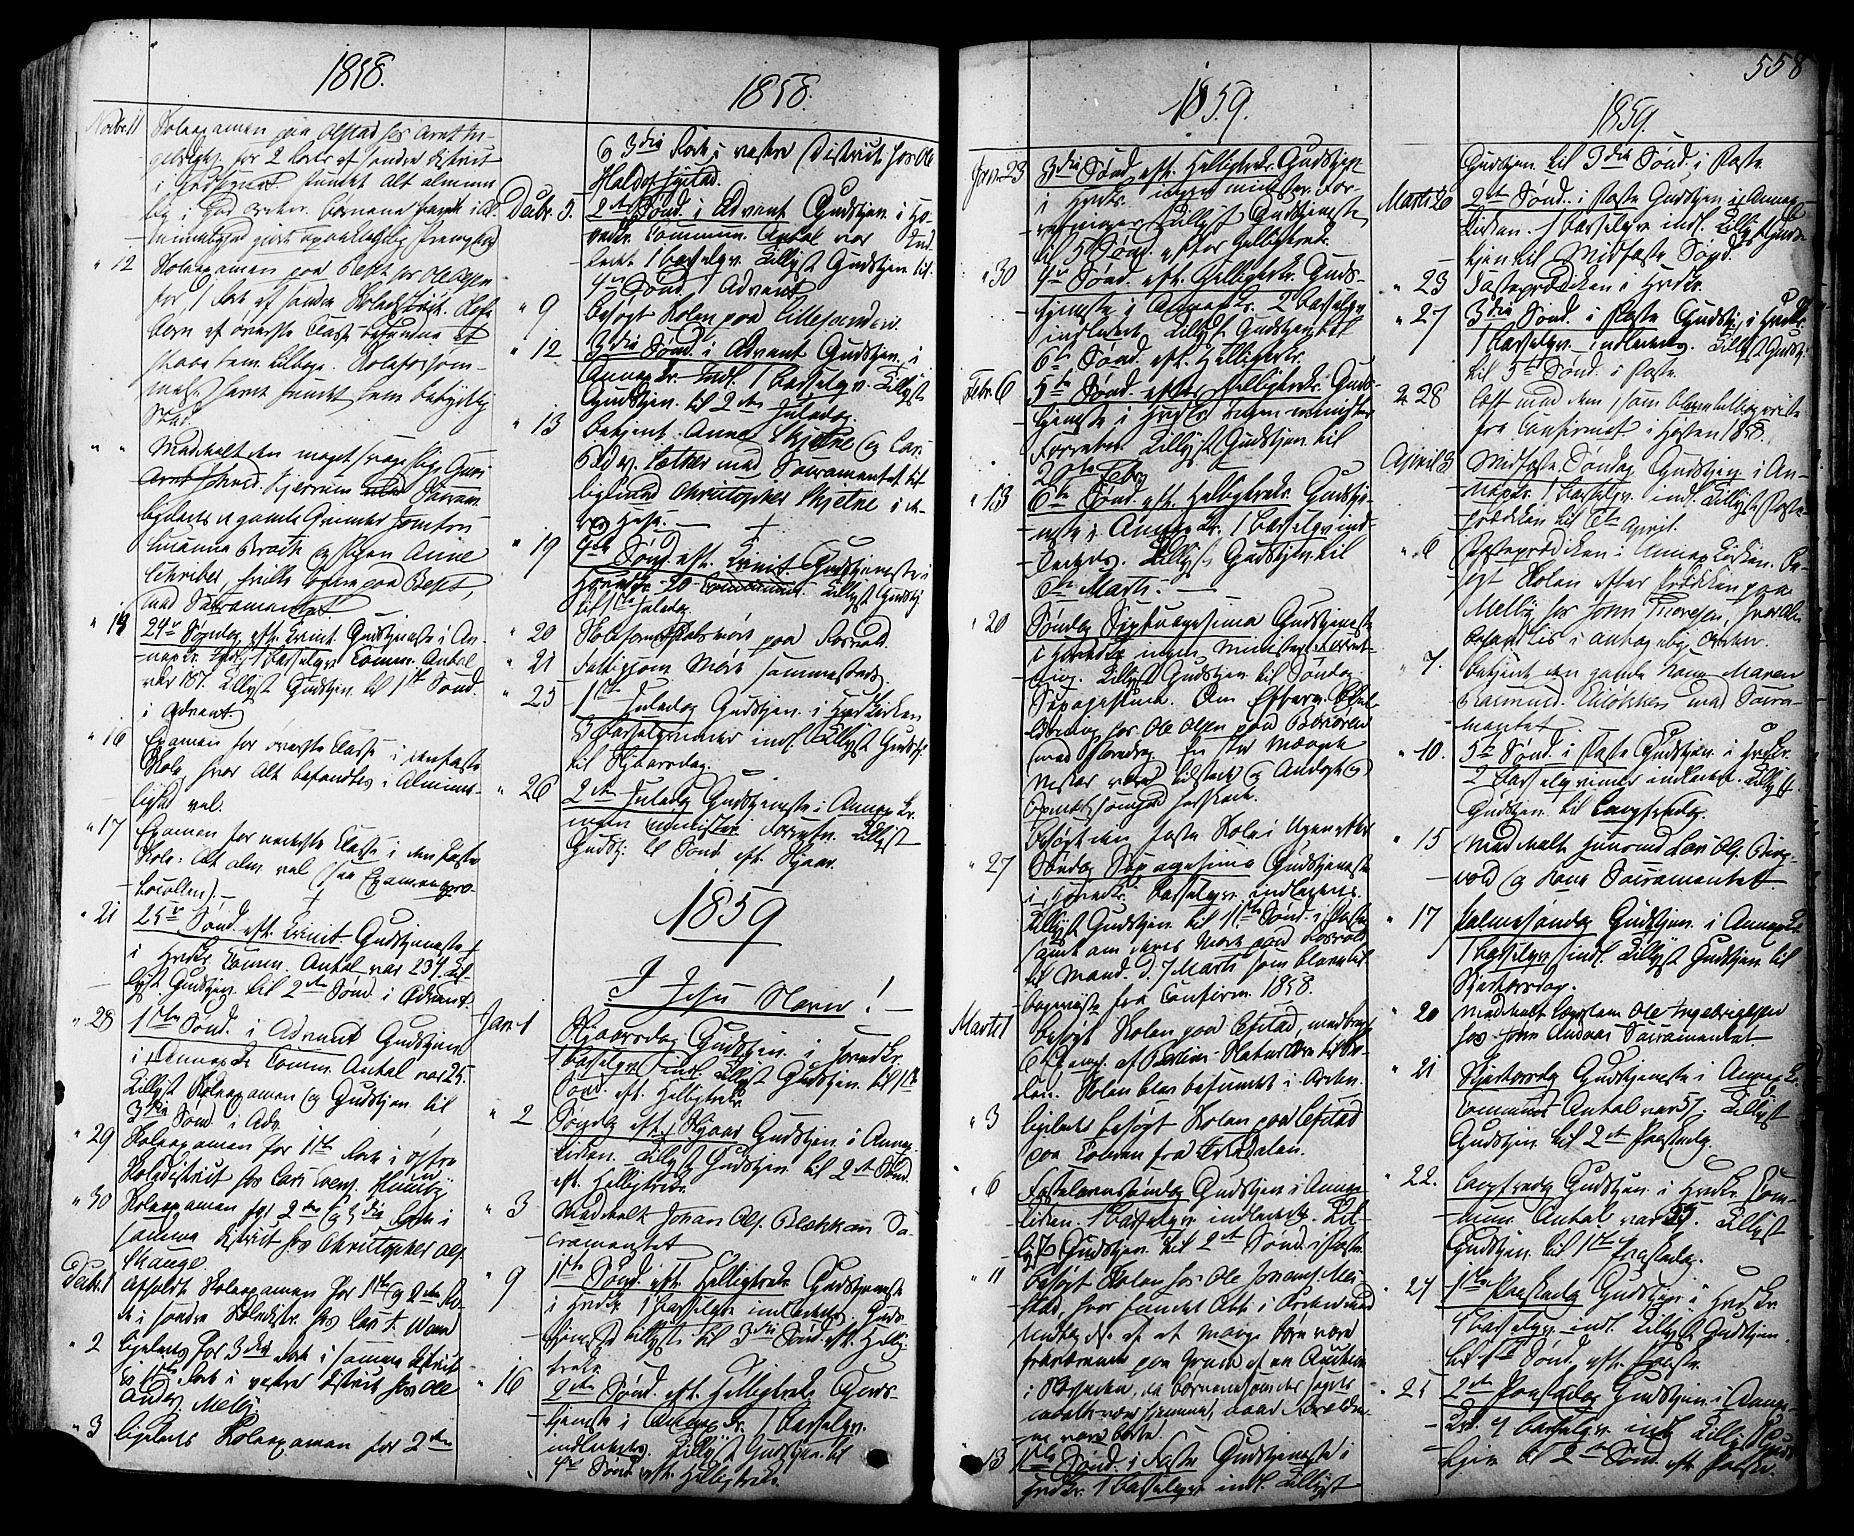 SAT, Ministerialprotokoller, klokkerbøker og fødselsregistre - Sør-Trøndelag, 665/L0772: Ministerialbok nr. 665A07, 1856-1878, s. 558